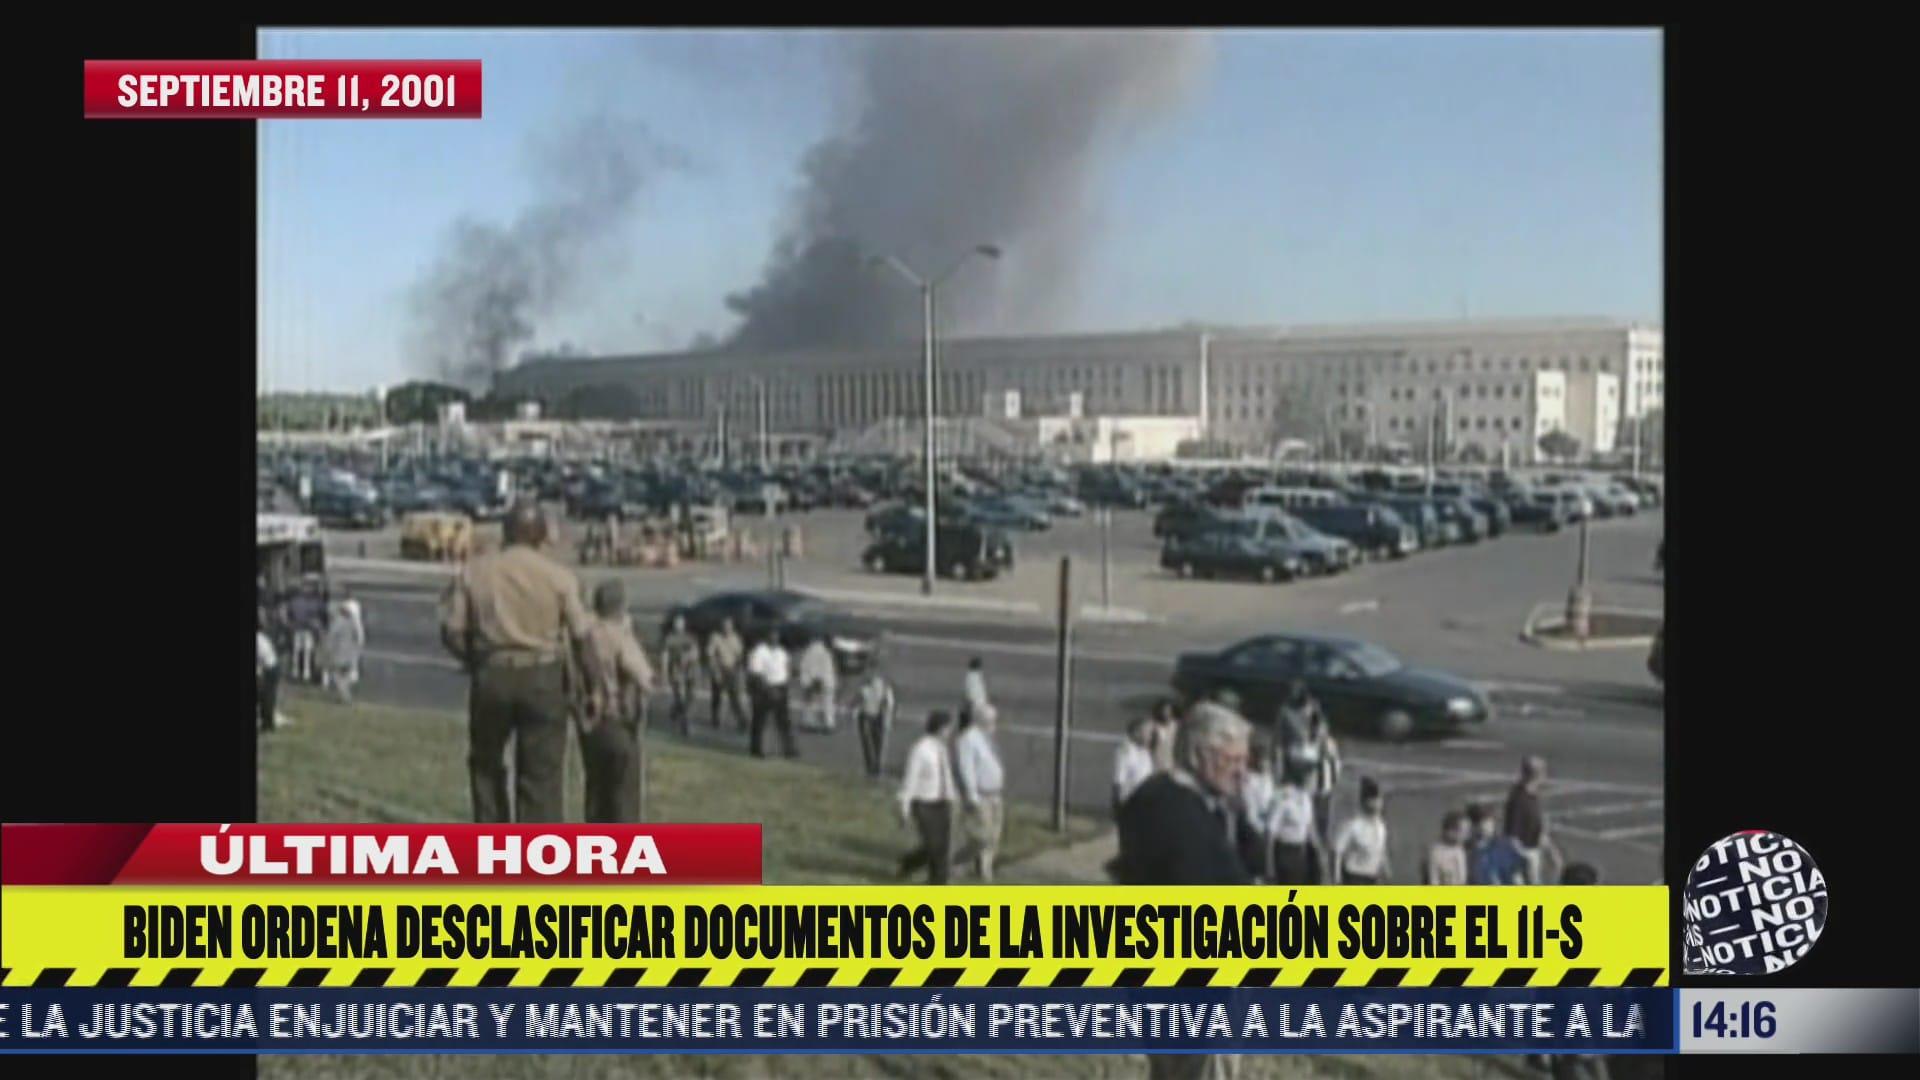 biden ordena desclasificar investigacion del fbi sobre los atentados terroristas de